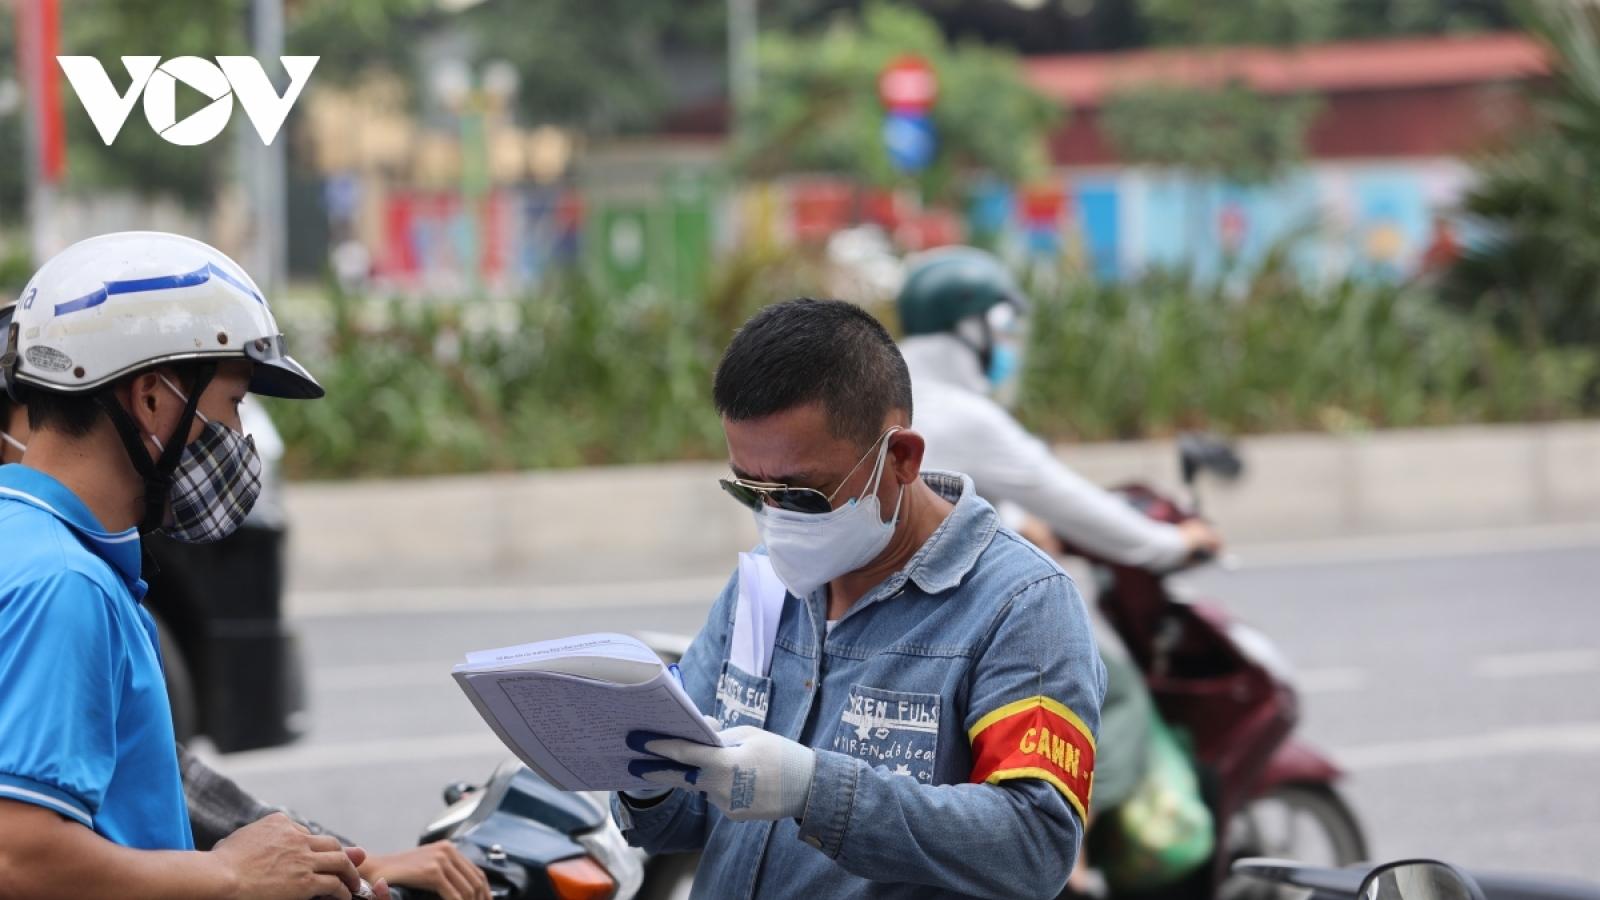 Công an Hà Nội hỏa tốc hướng dẫn cấp giấy đi đường có mã QR